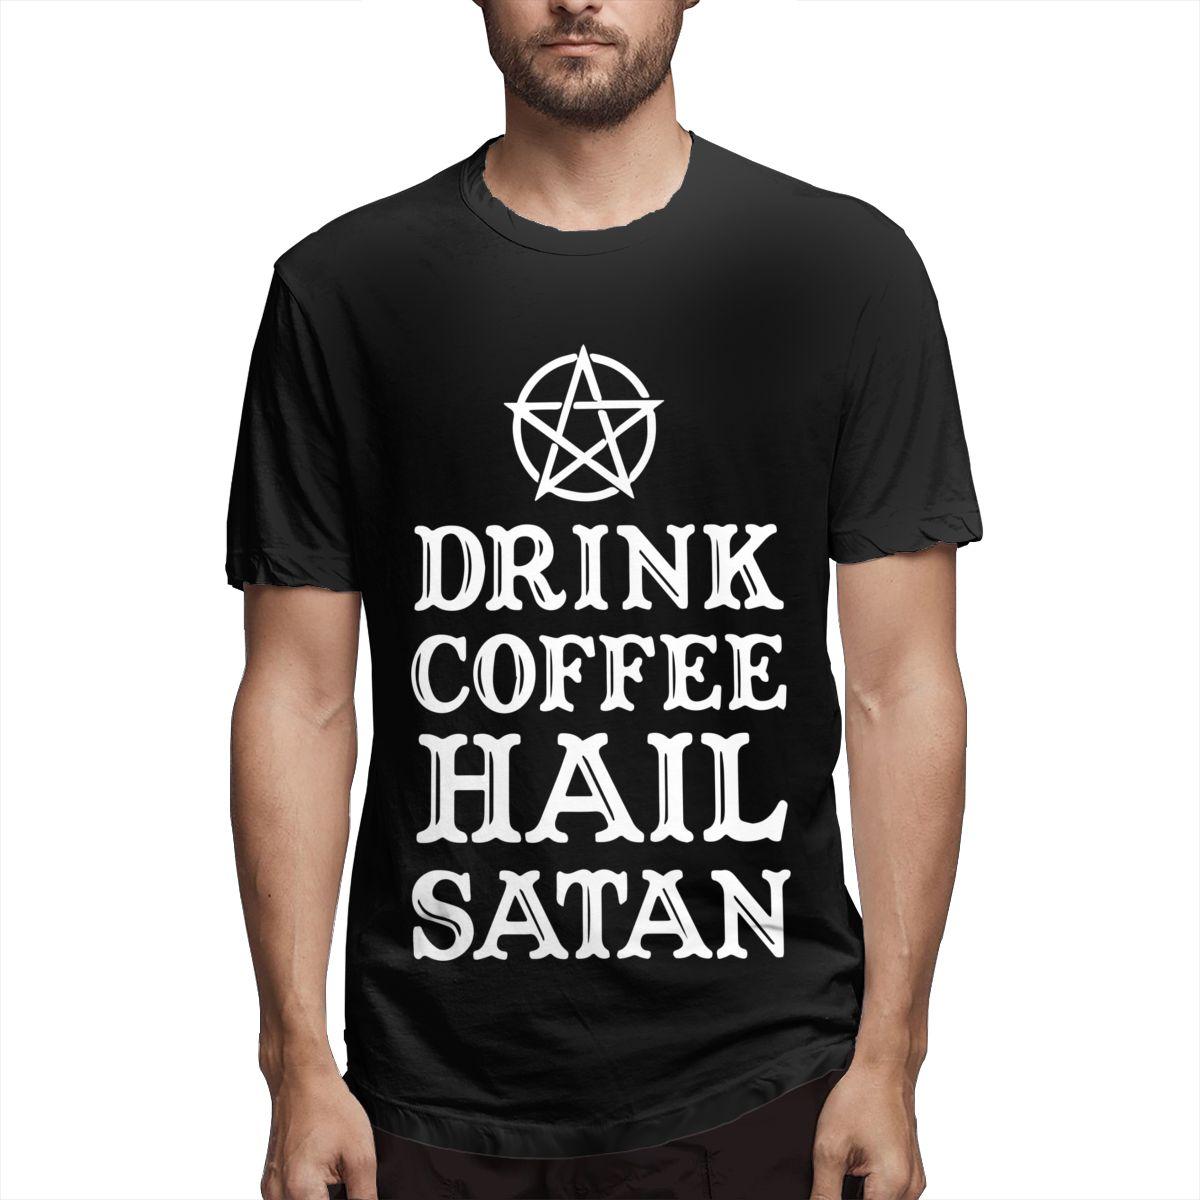 Hip Hop 2020 New Men T-shirts Casual Harajuku Drink Coffee Hail Satan Printed Tees T Shirt Short Sleeve T Shirt For Men Clothing